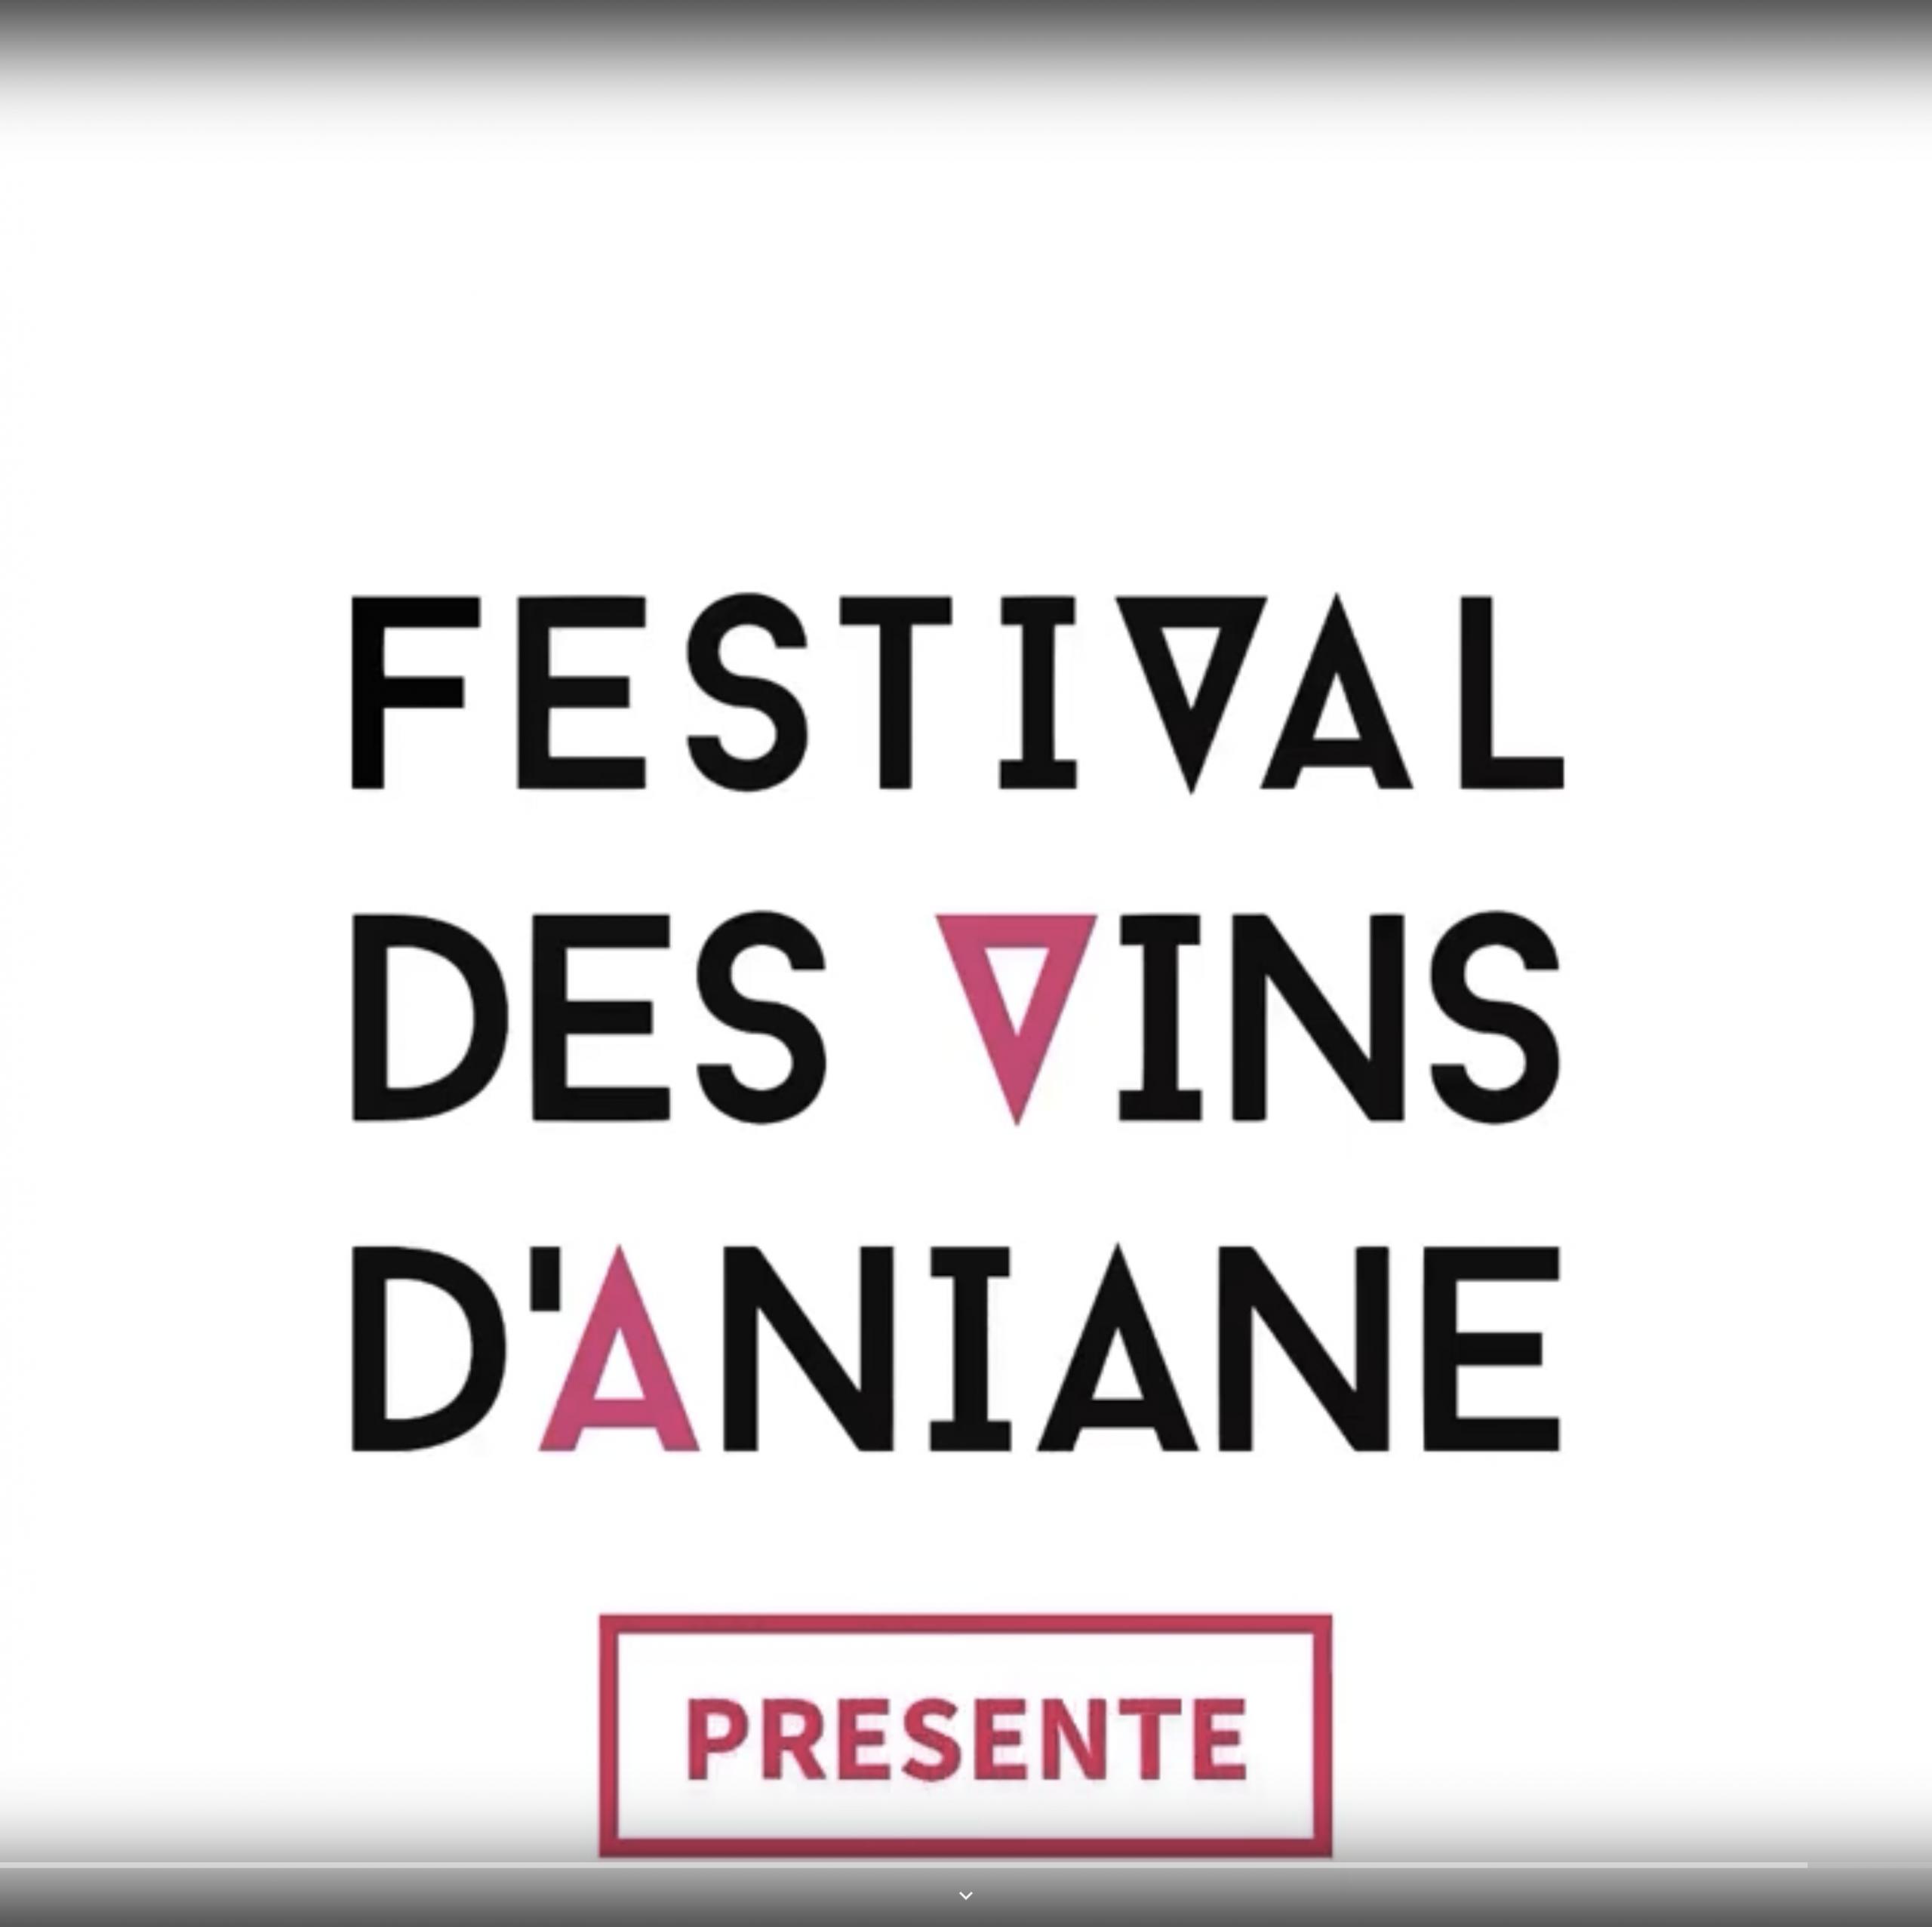 Vidéo réalisée lors du Festival des vins d'Aniane: https://www.youtube.com/watch?v=2ghHHpohxXY 5